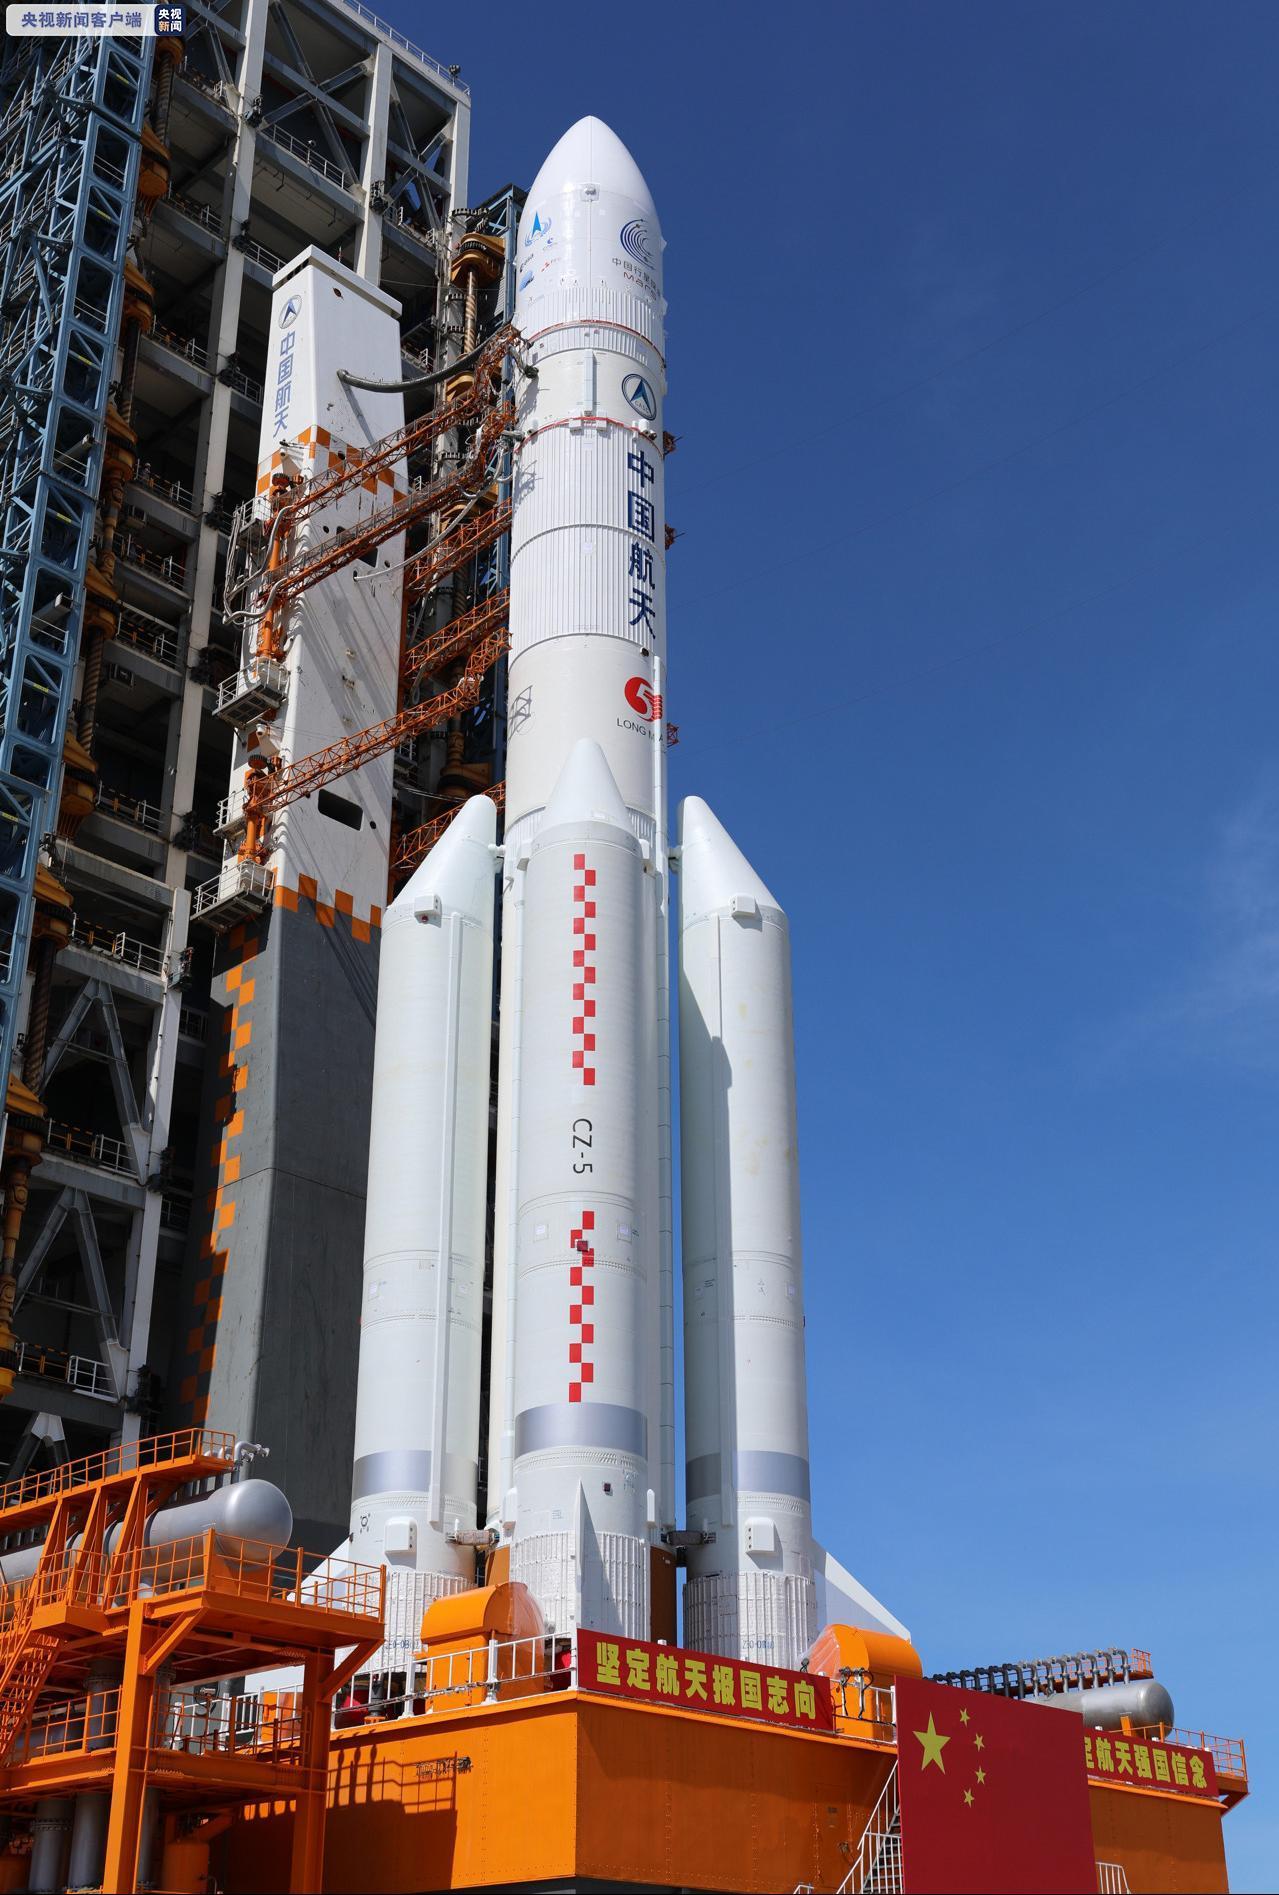 中國首次火星探測任務探測器成功發射 邁出中國行星探測第一步 - 重慶日報